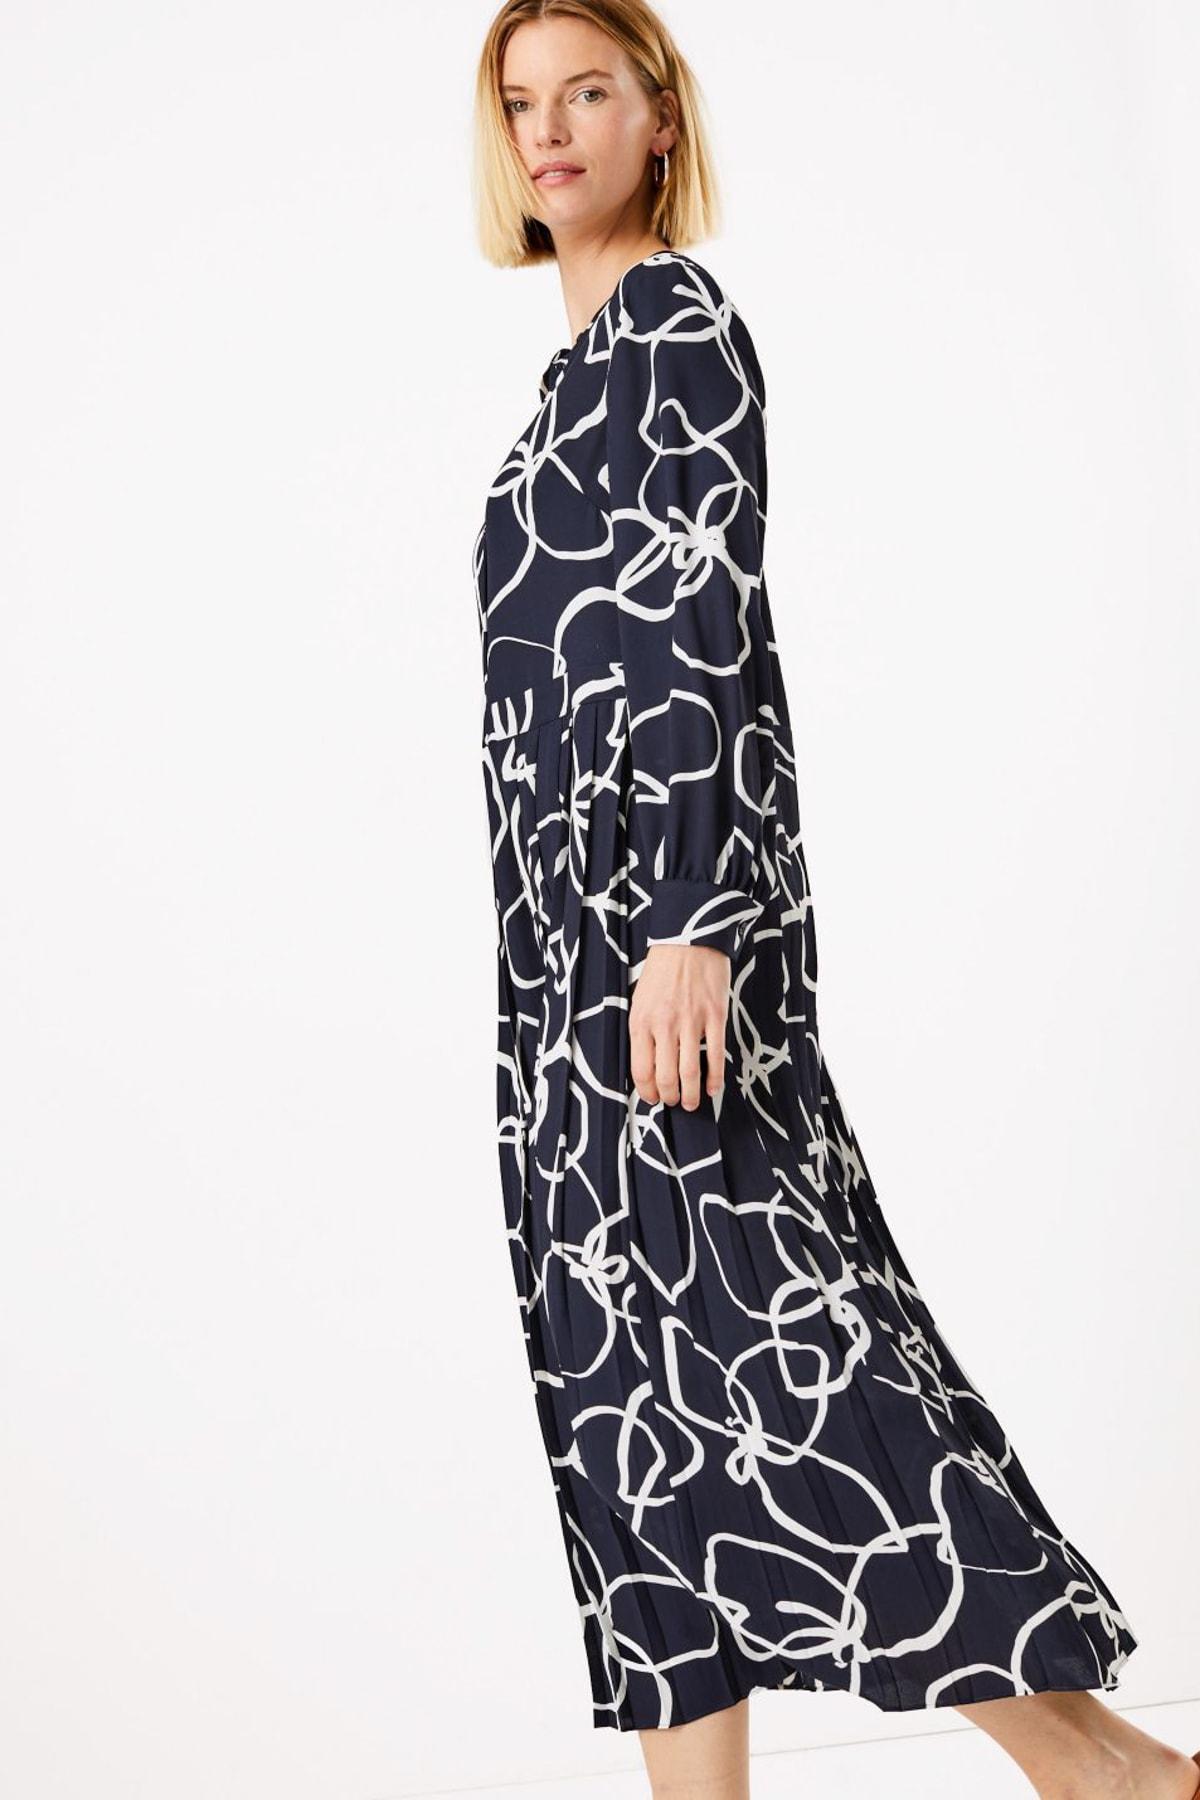 Kadın Lacivert Çiçek Desenli Relaxed Midi Elbise T42007609